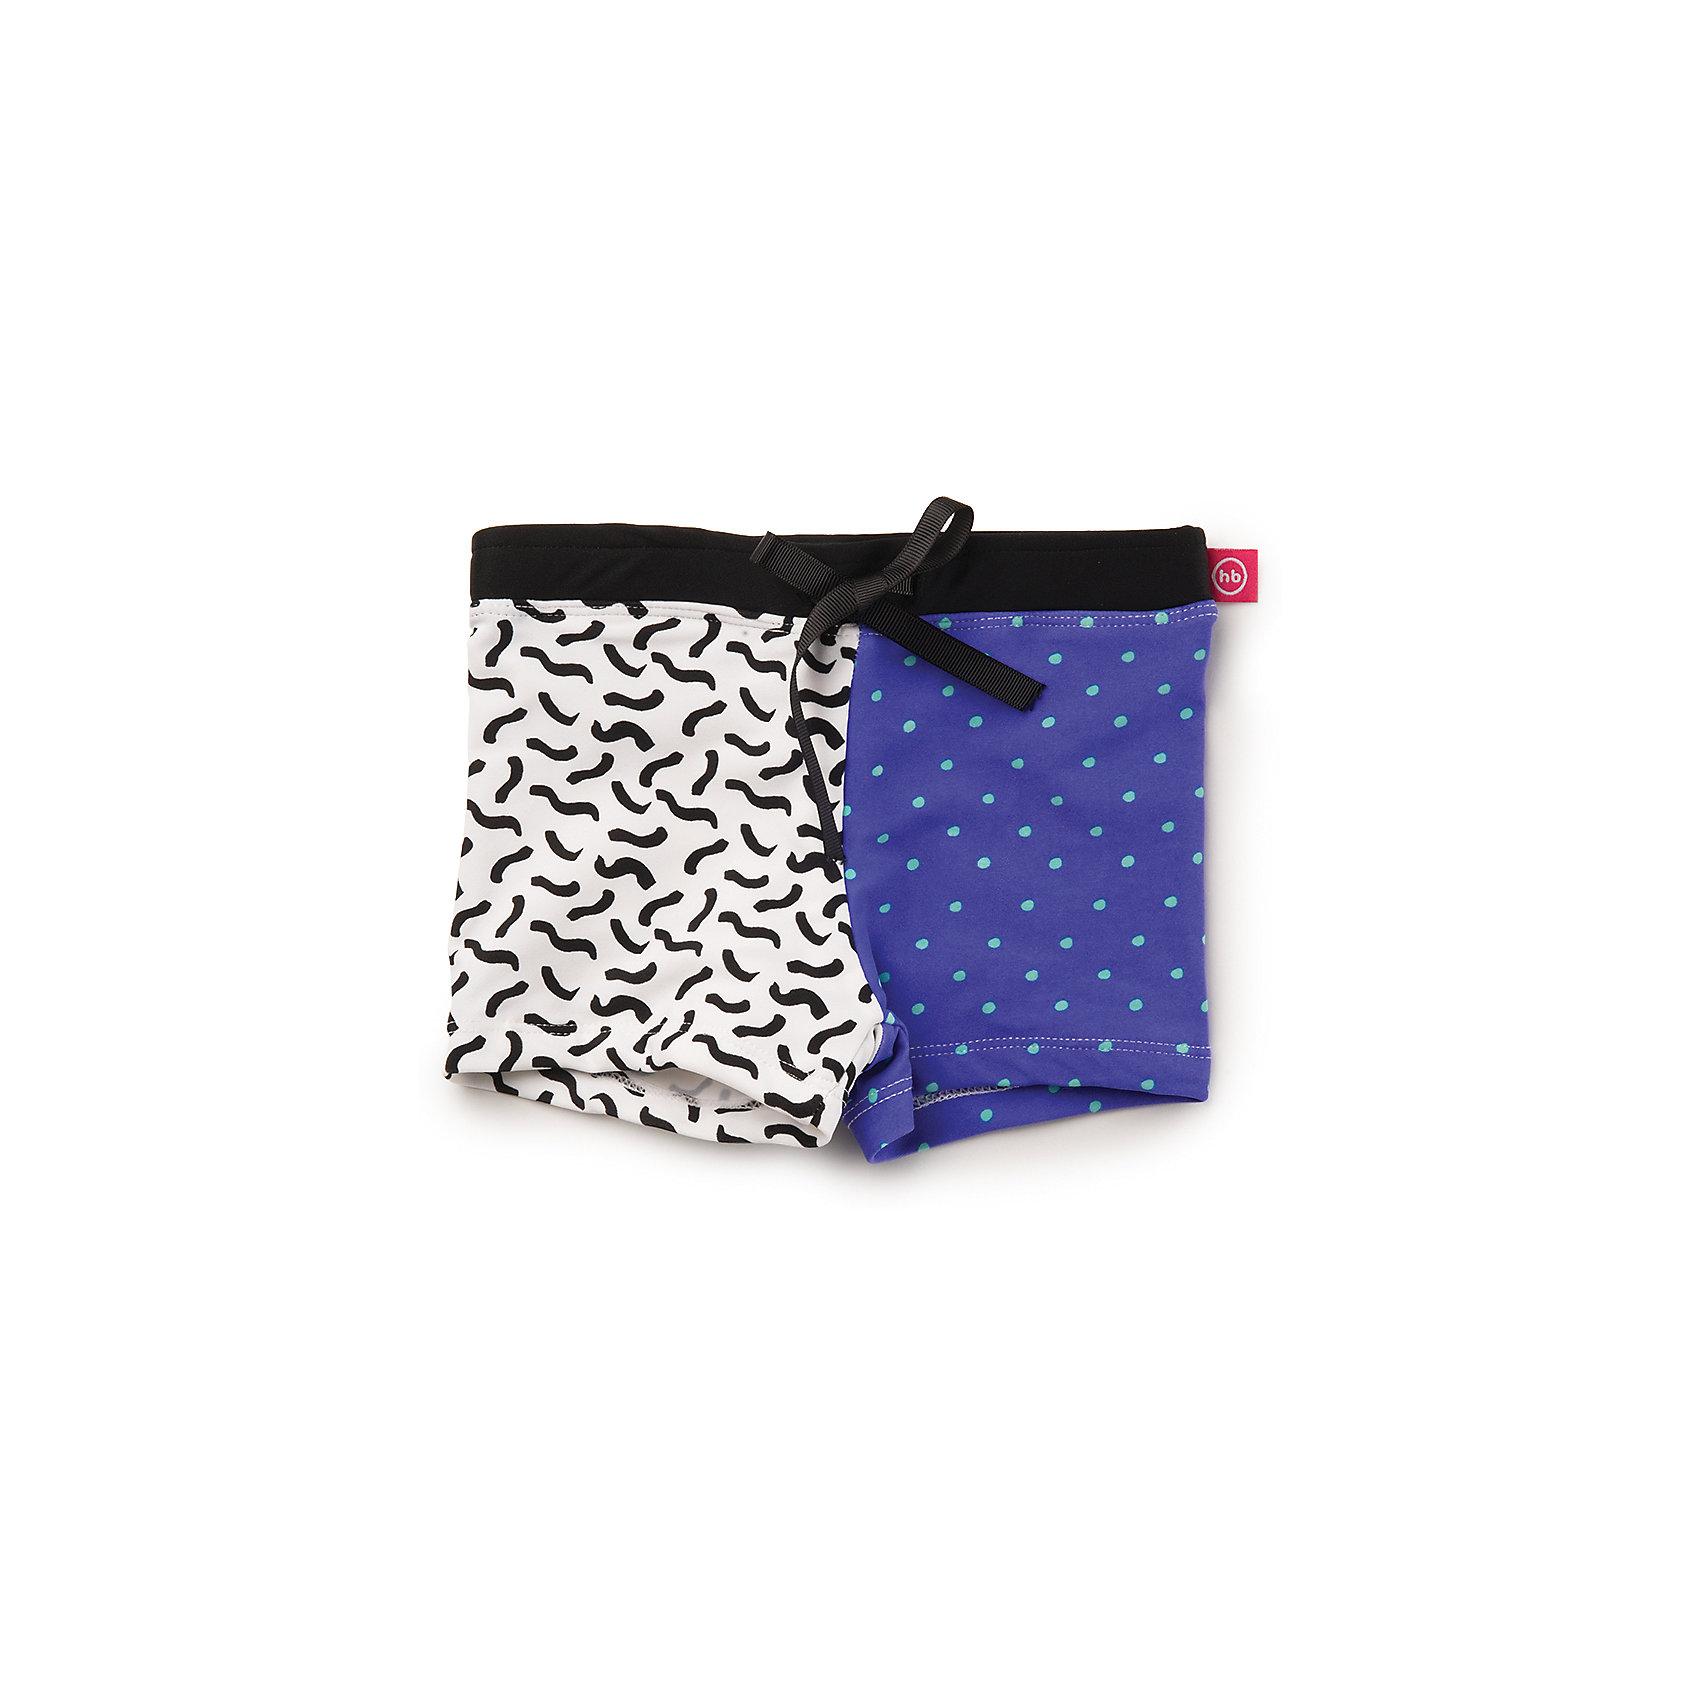 Плавки для мальчиков размер 92, Happy BabyКупальники и плавки<br>Характеристики:<br><br>• плавки-шорты для мальчиков;<br>• плавки быстро сохнут;<br>• особая ткань защищает от перегрева на солнце;<br>• материал: ткань с защитой от солнечного излучения UPF 50+;<br>• размер: 92;<br>• размер упаковки: 22х13,5х2 см;<br>• вес: 50 г.<br><br>Плавки для мальчиков размер 92, Happy Baby можно купить в нашем интернет-магазине.<br><br>Ширина мм: 20<br>Глубина мм: 220<br>Высота мм: 135<br>Вес г: 50<br>Возраст от месяцев: 24<br>Возраст до месяцев: 36<br>Пол: Мужской<br>Возраст: Детский<br>SKU: 6681115